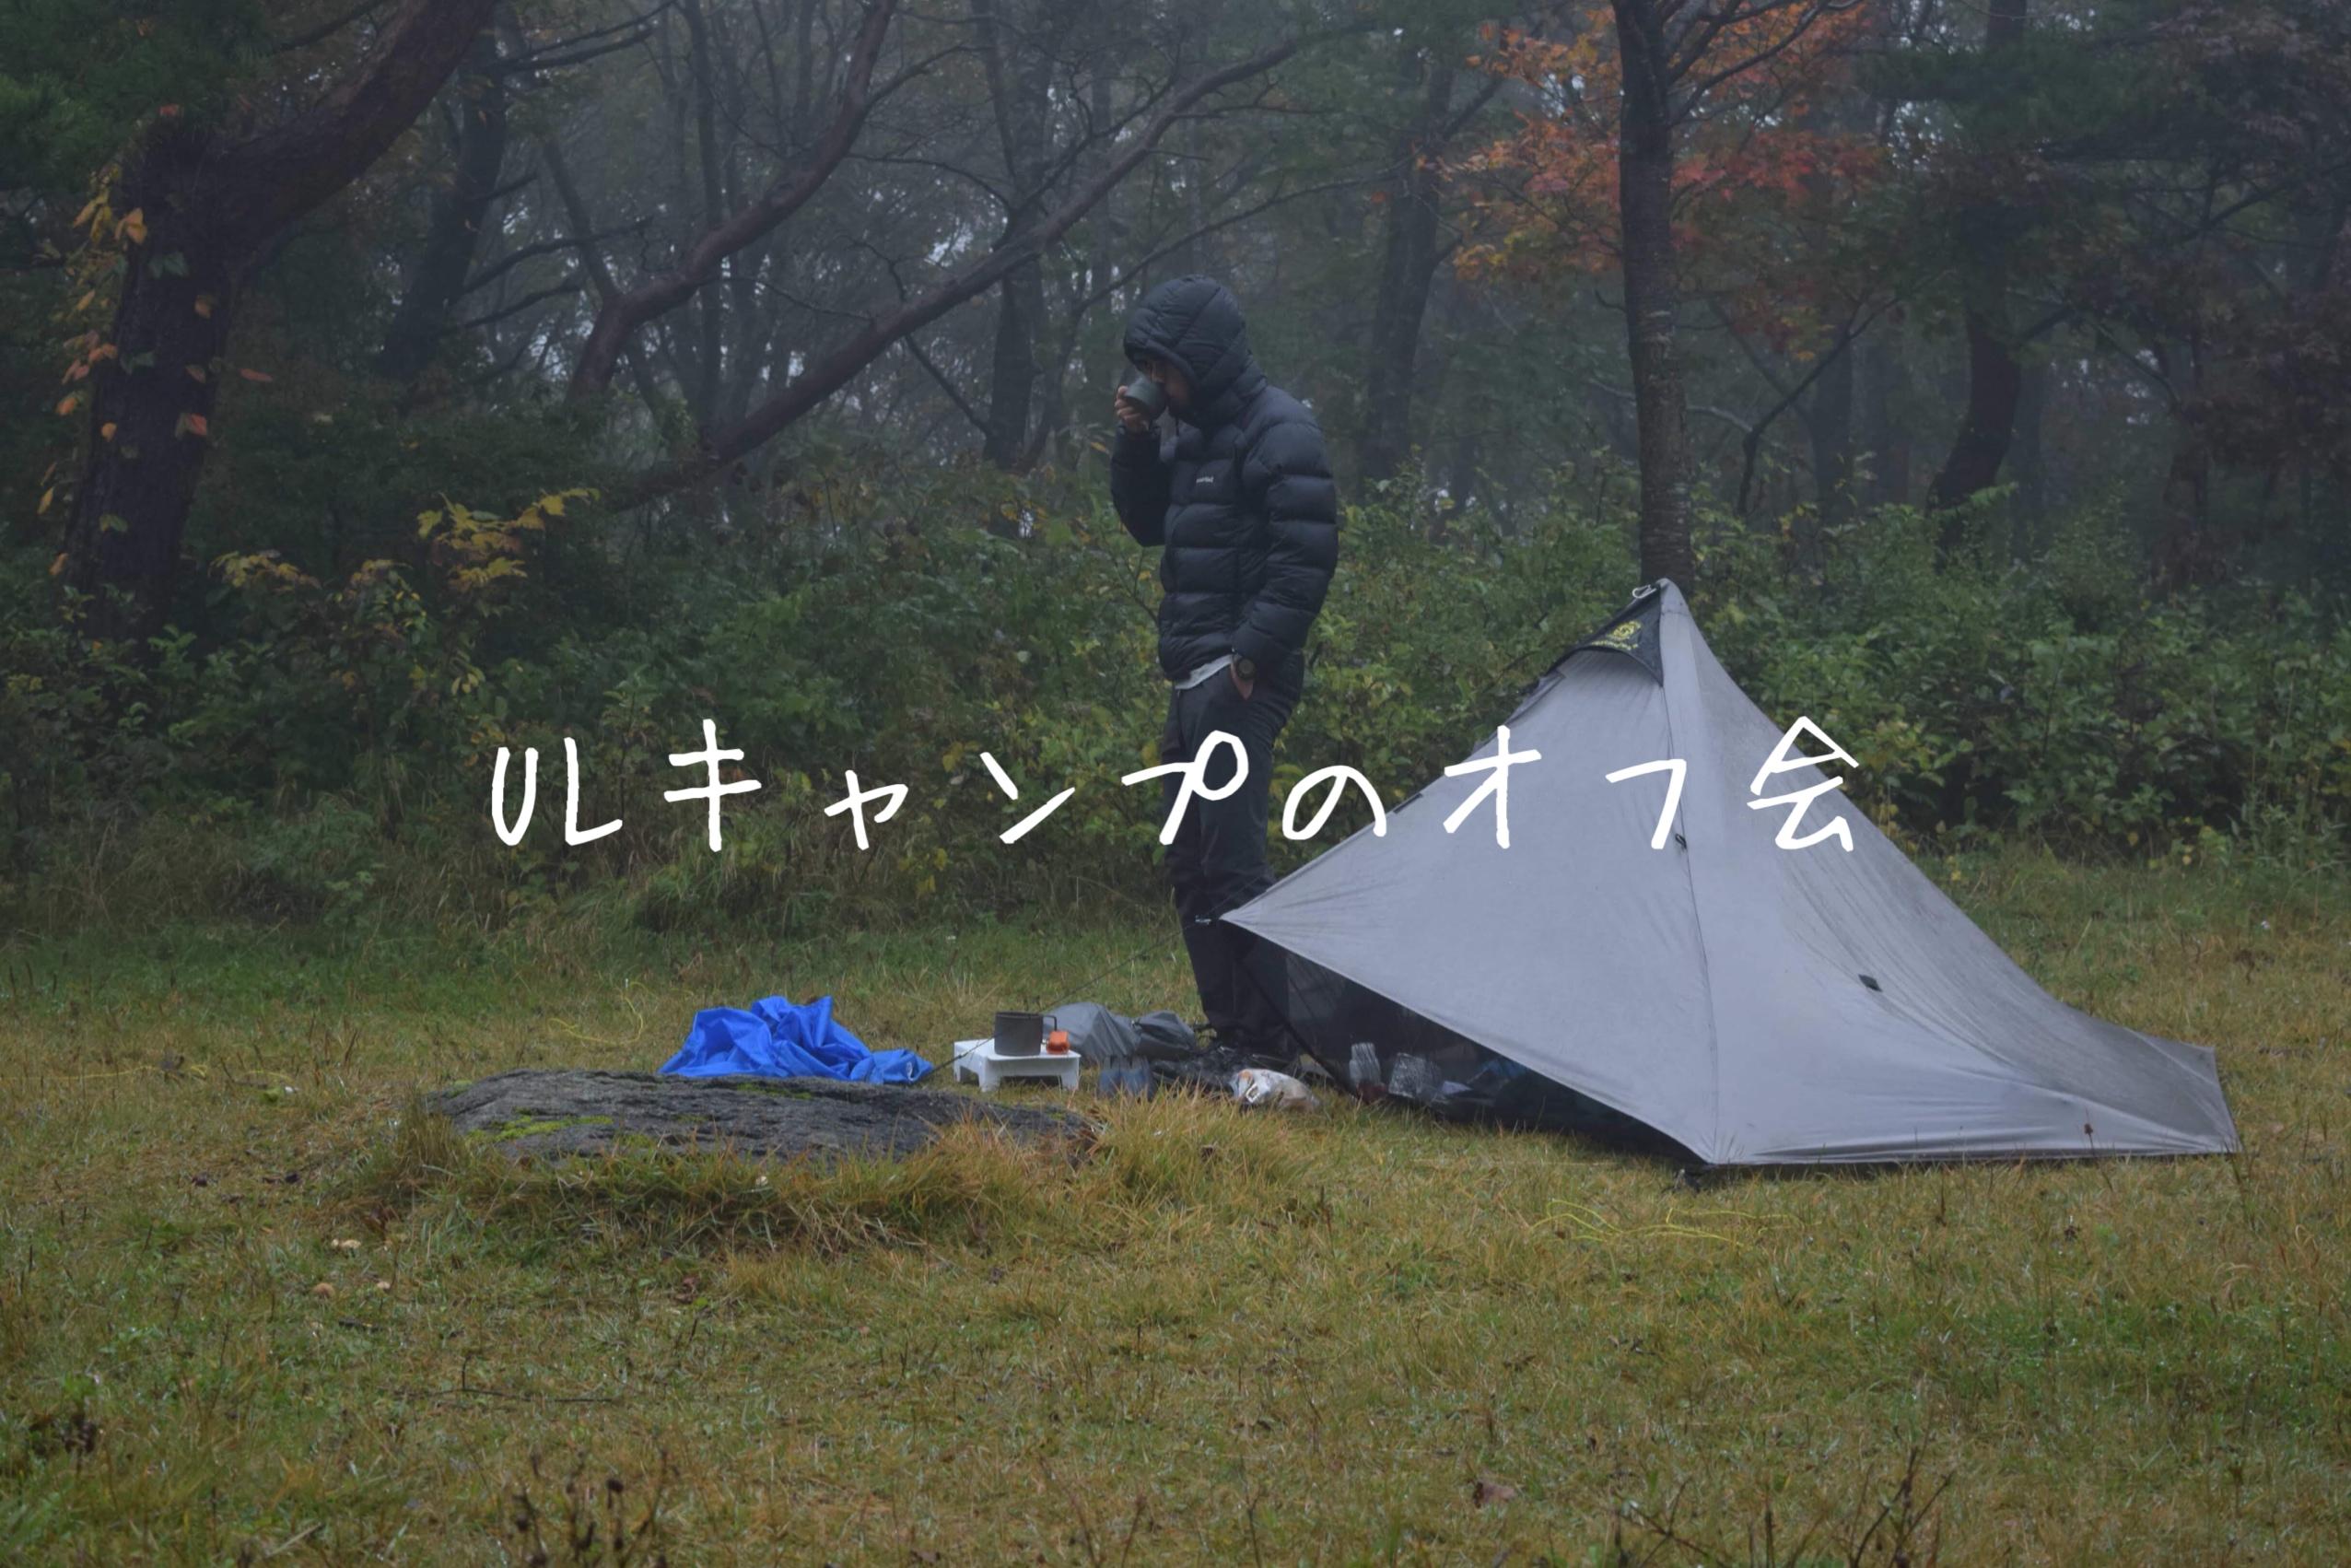 【終了!】ウルトラライトなキャンプをみんなでしようぜ!キャンプのオフ会のお知らせ!